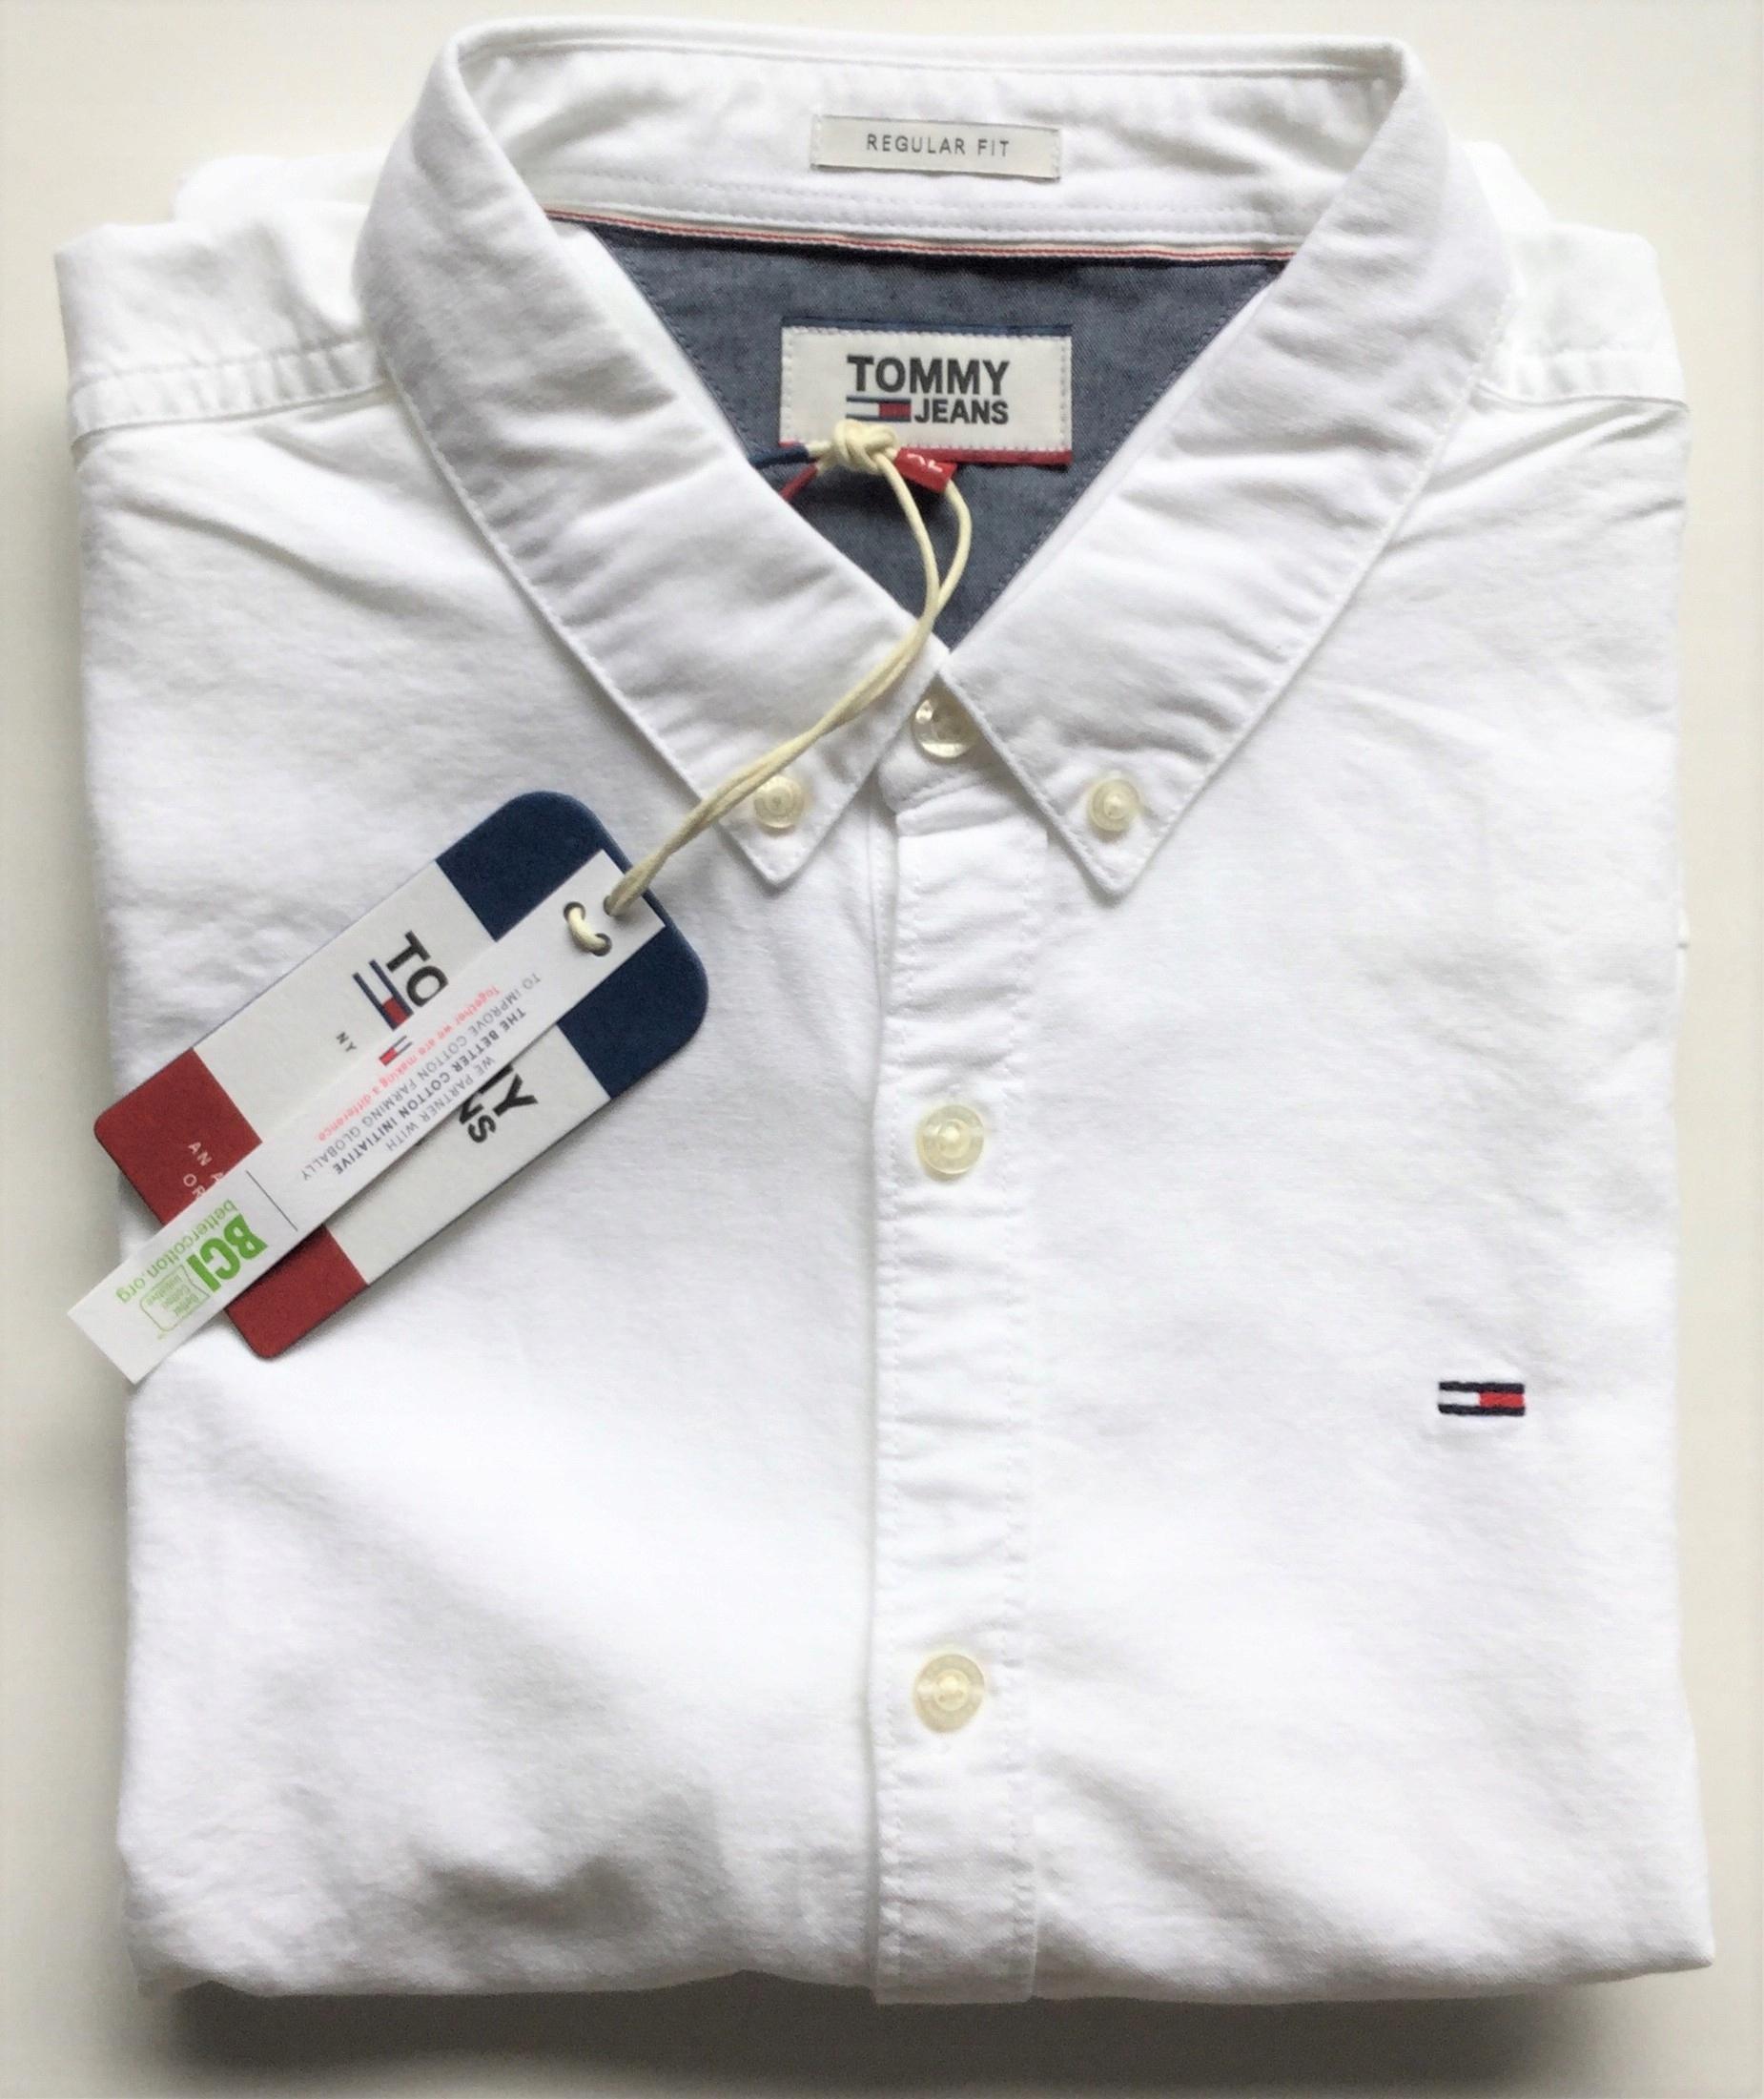 TOMMY HILFIGER JEANS koszula XL